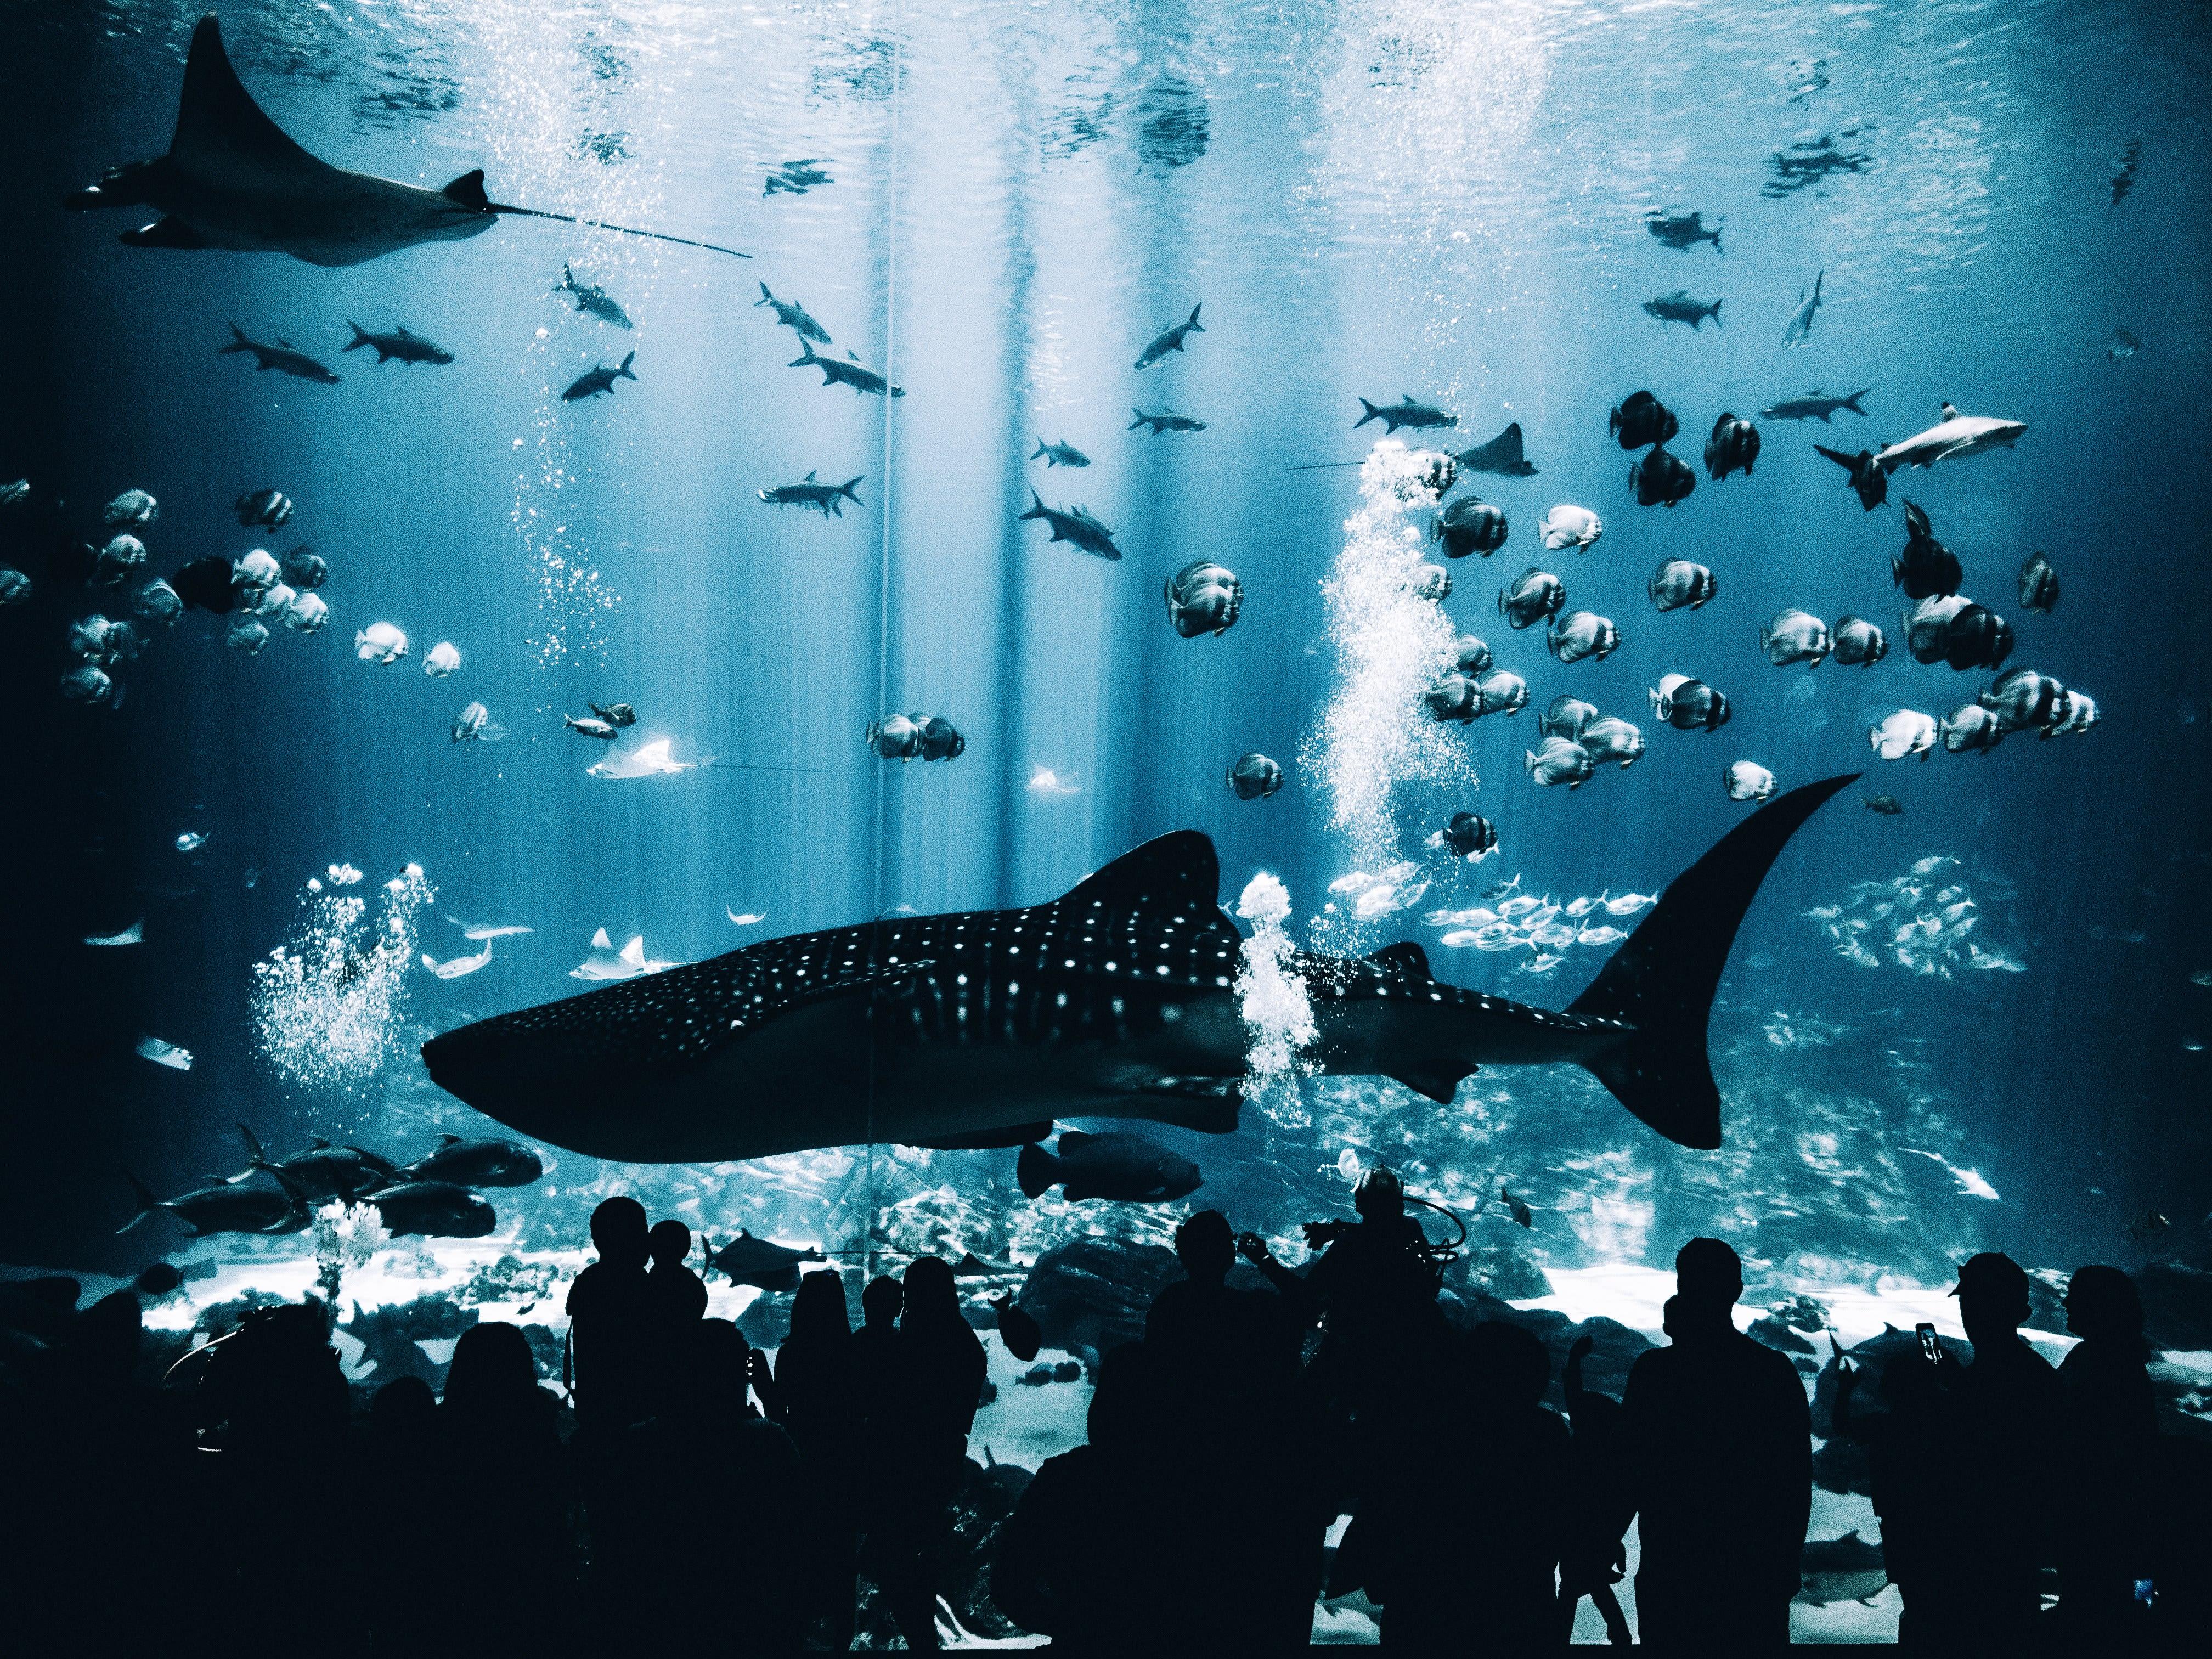 shark in aquarium with fish swimming around it